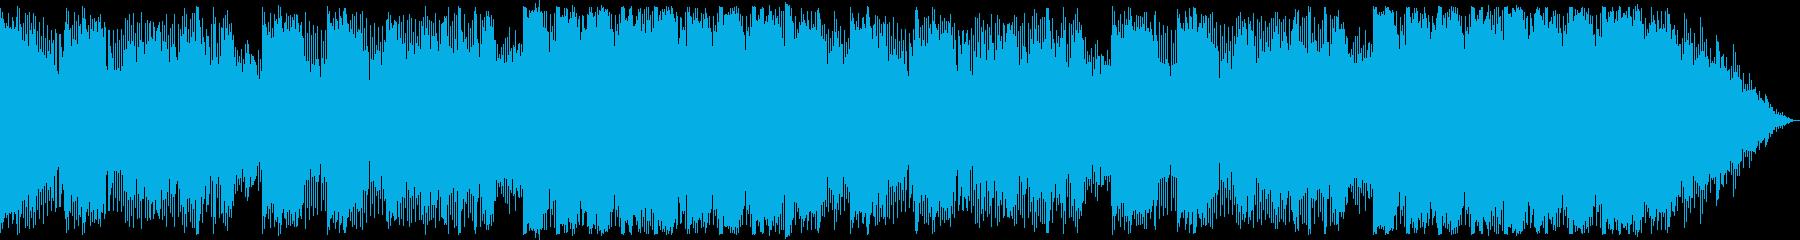 癒し系の神秘的なシンセサウンドの再生済みの波形